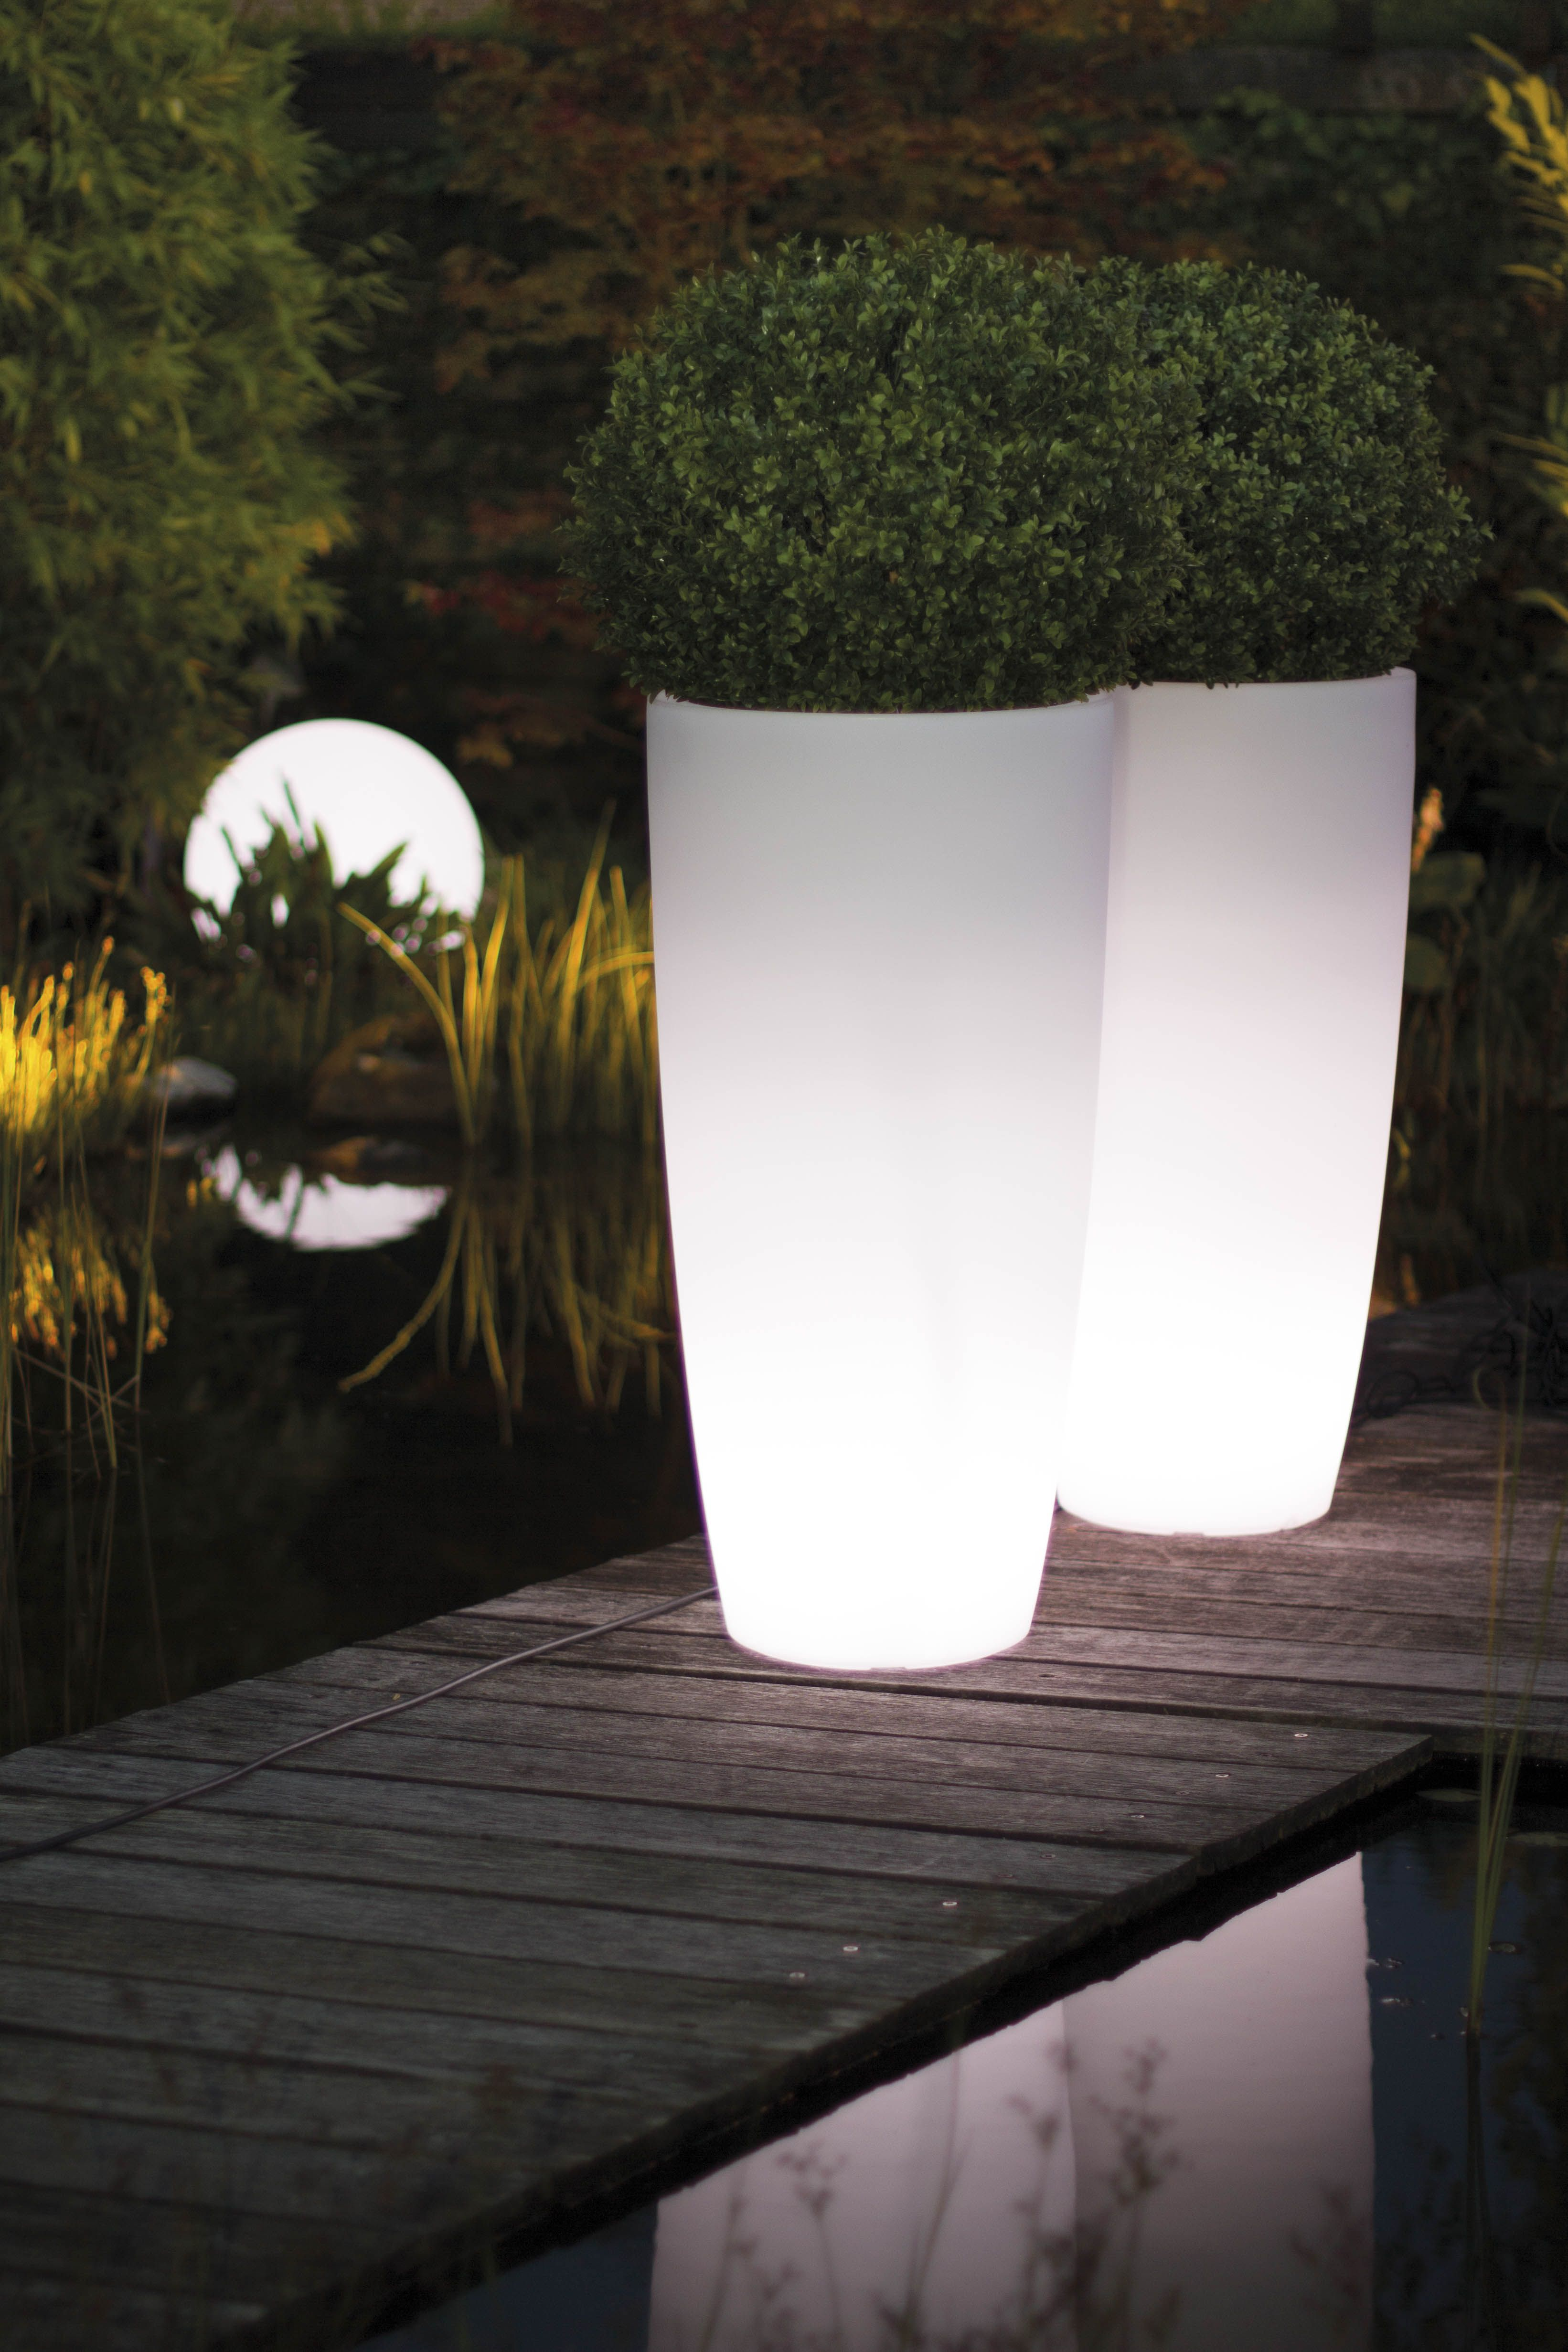 f r gem tliches licht im garten auf der terrasse sorgen die lumenio led pflanzgef e. Black Bedroom Furniture Sets. Home Design Ideas